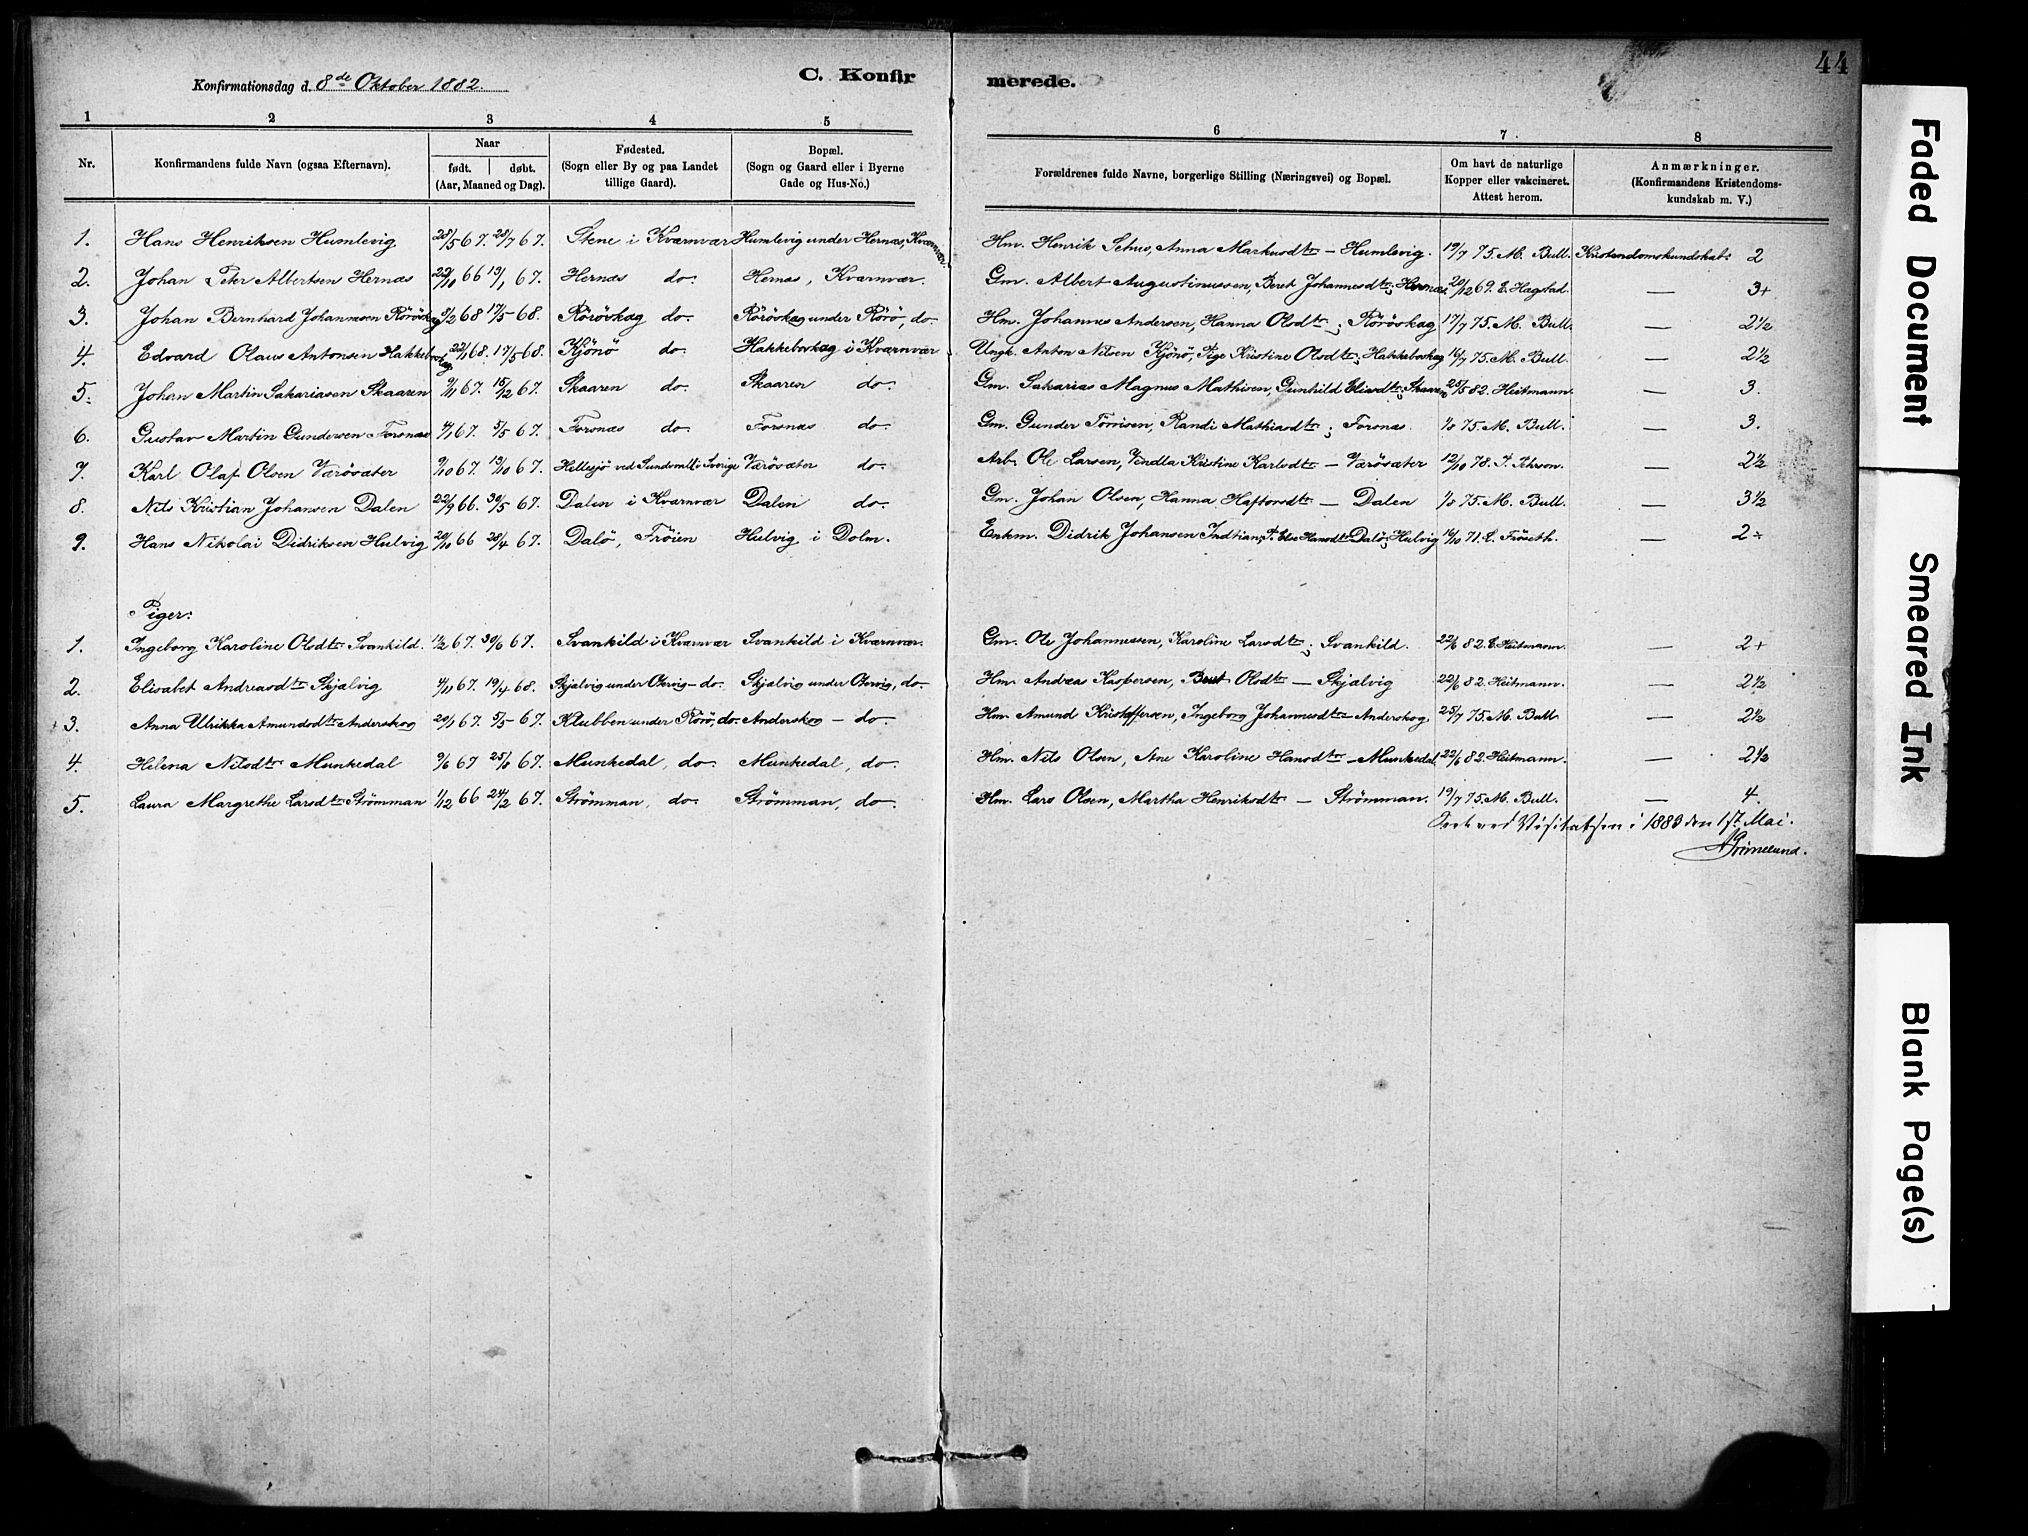 SAT, Ministerialprotokoller, klokkerbøker og fødselsregistre - Sør-Trøndelag, 635/L0551: Ministerialbok nr. 635A01, 1882-1899, s. 44